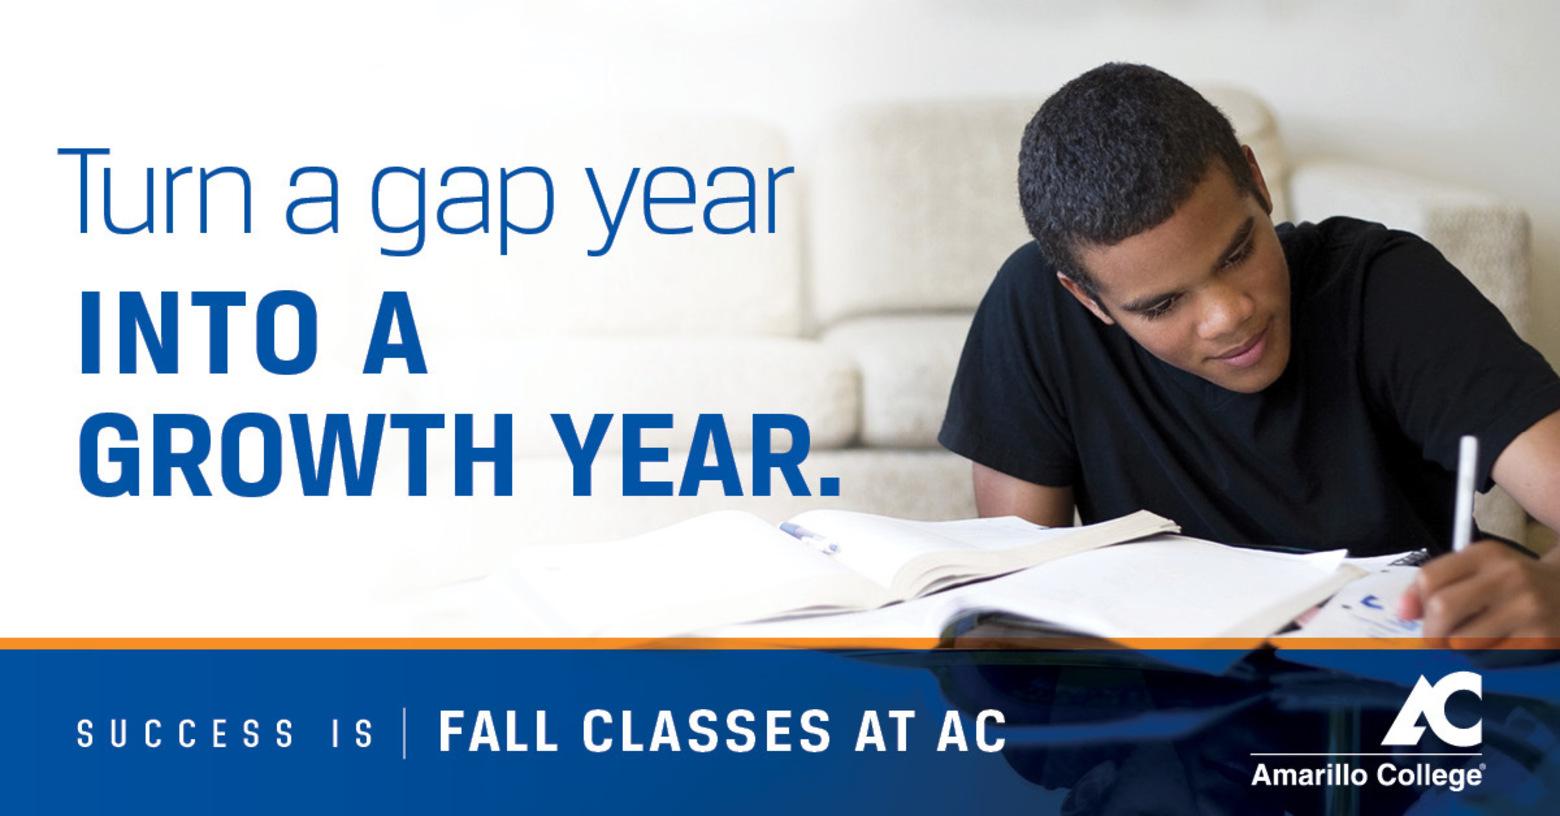 Turn a gap year into a growth year